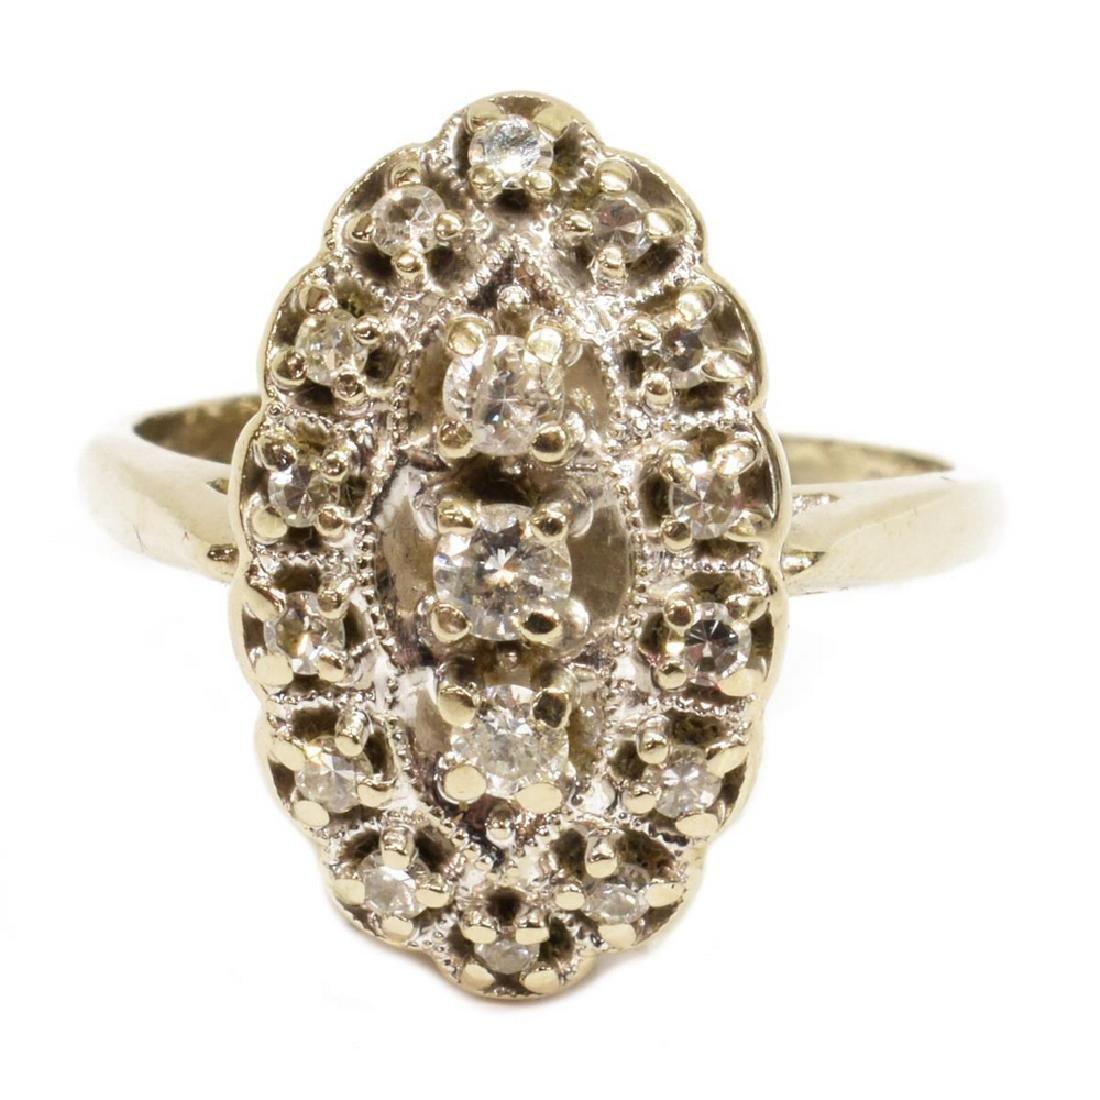 ESTATE 14KT WHITE GOLD 0.30CTTW DIAMOND RING